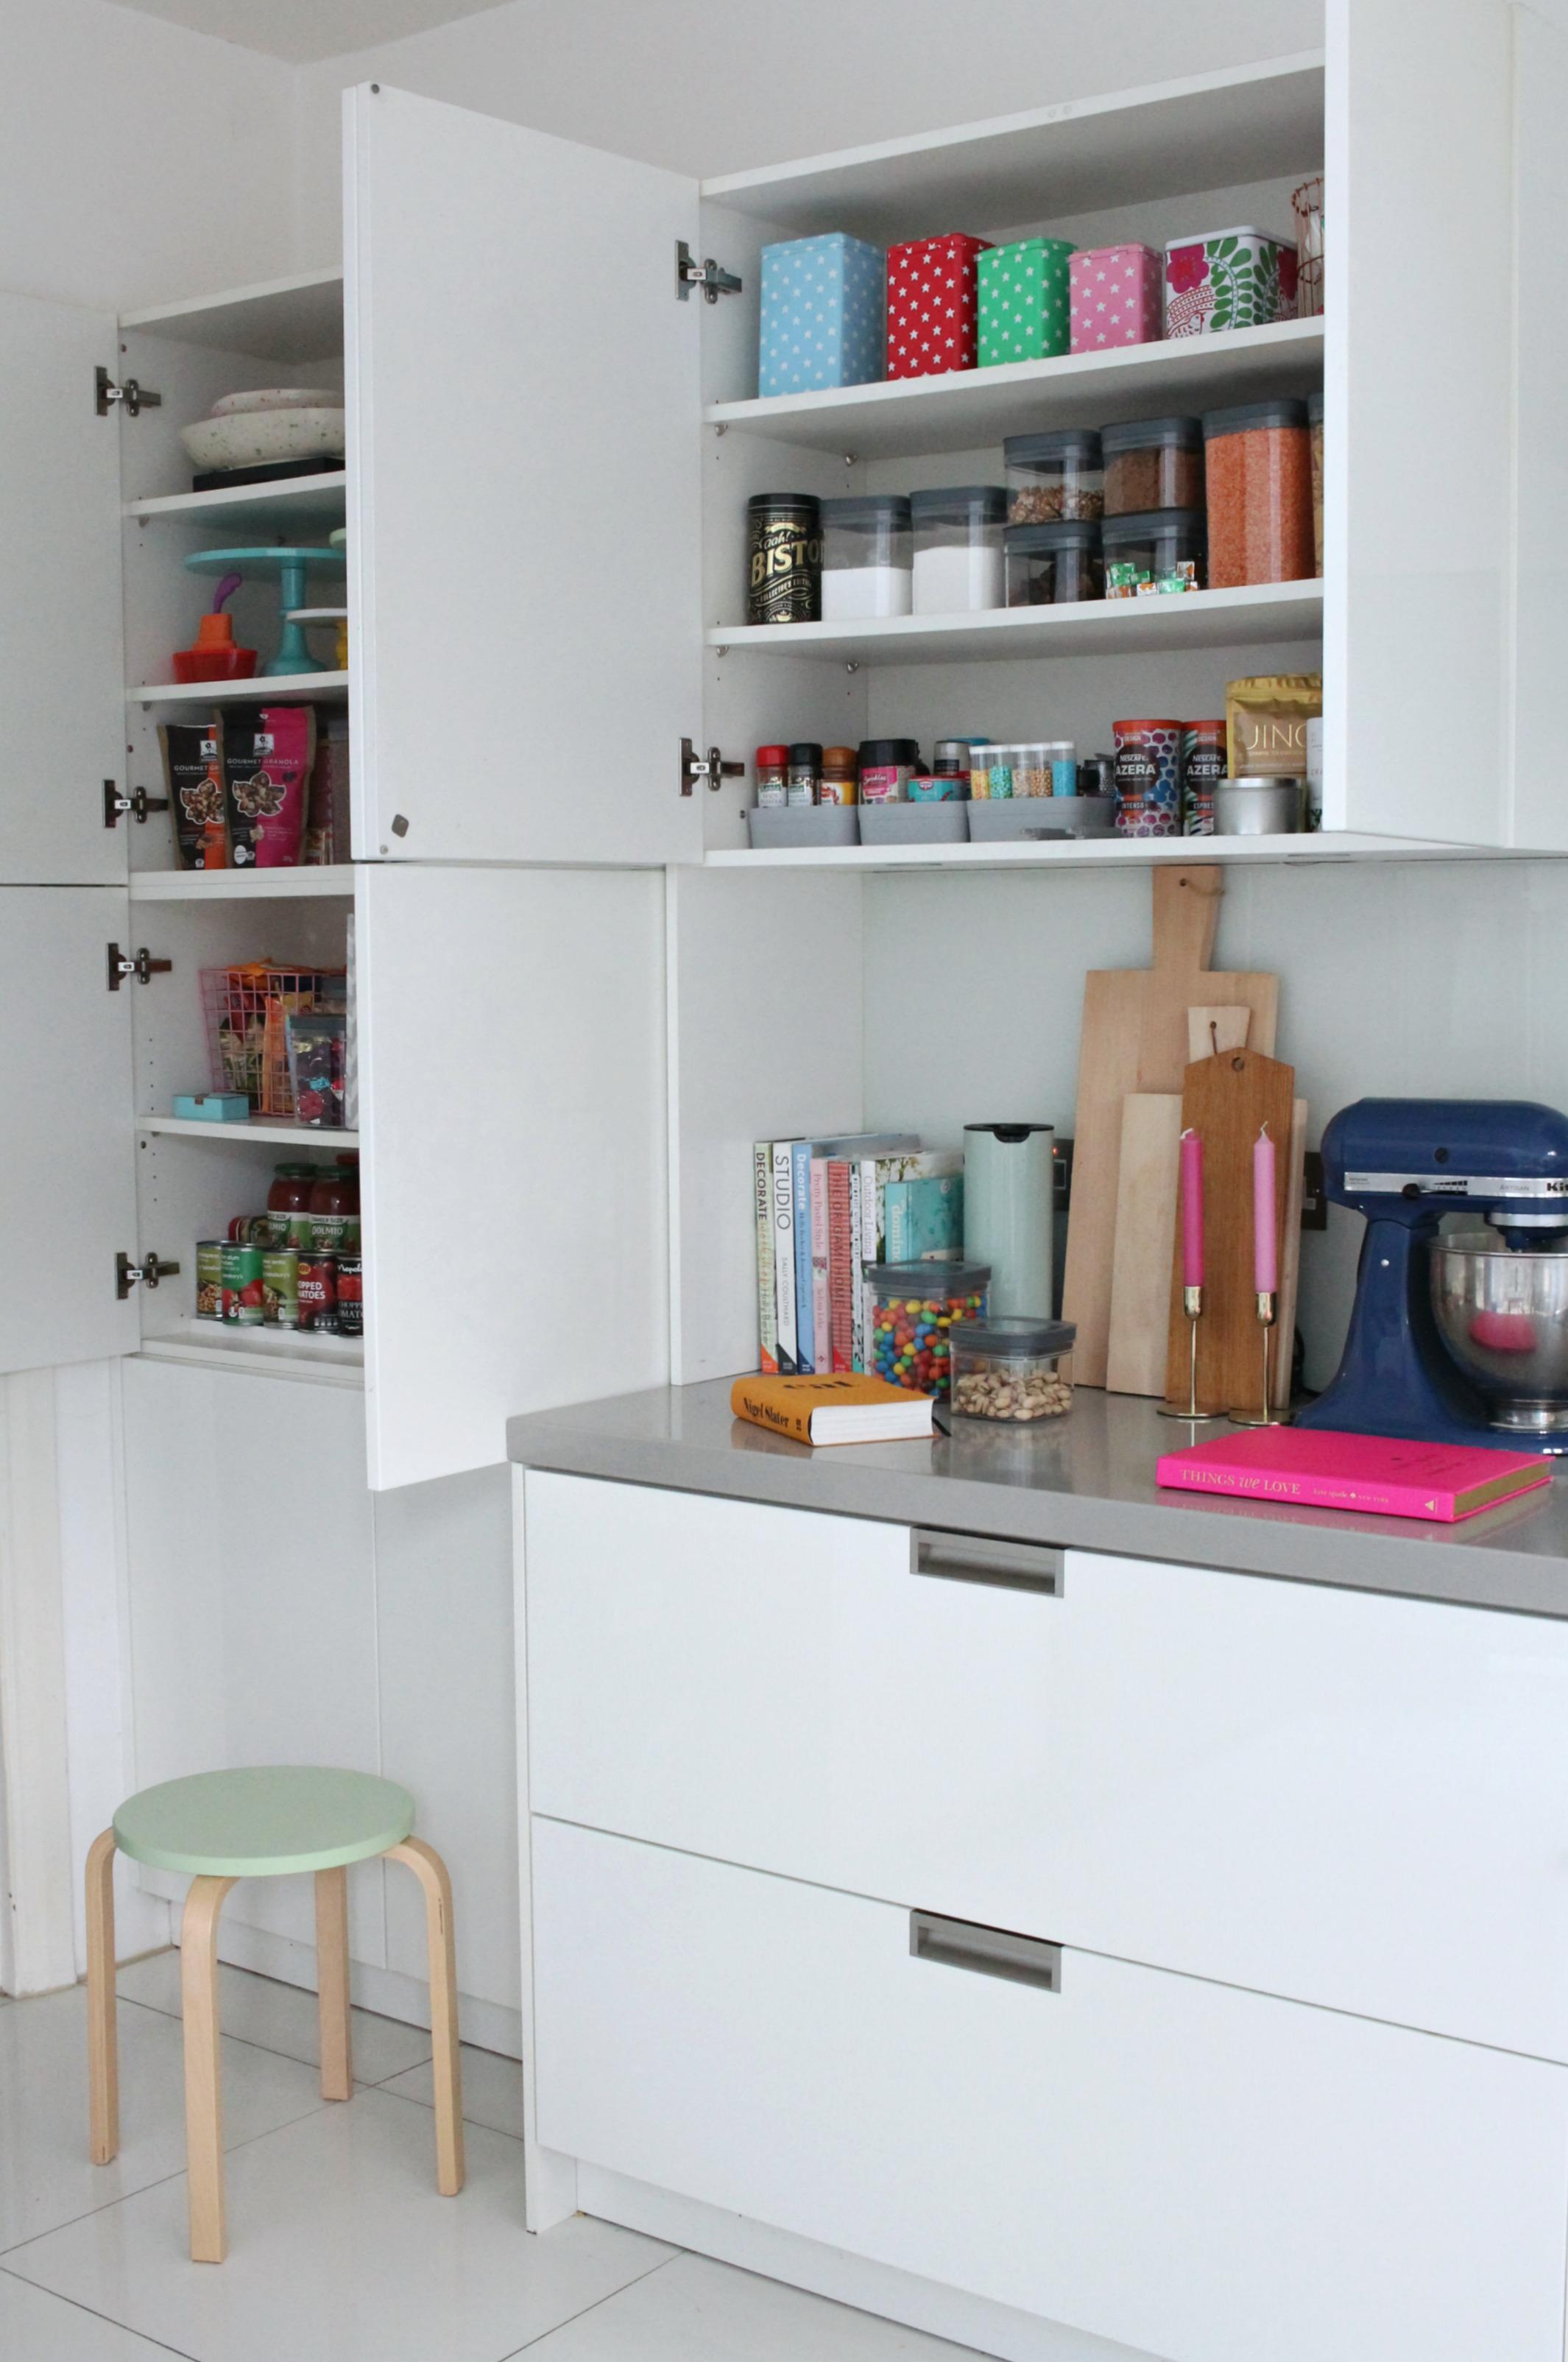 LittleBIGBELL Kitchen Storage. How To Organise Kitchen